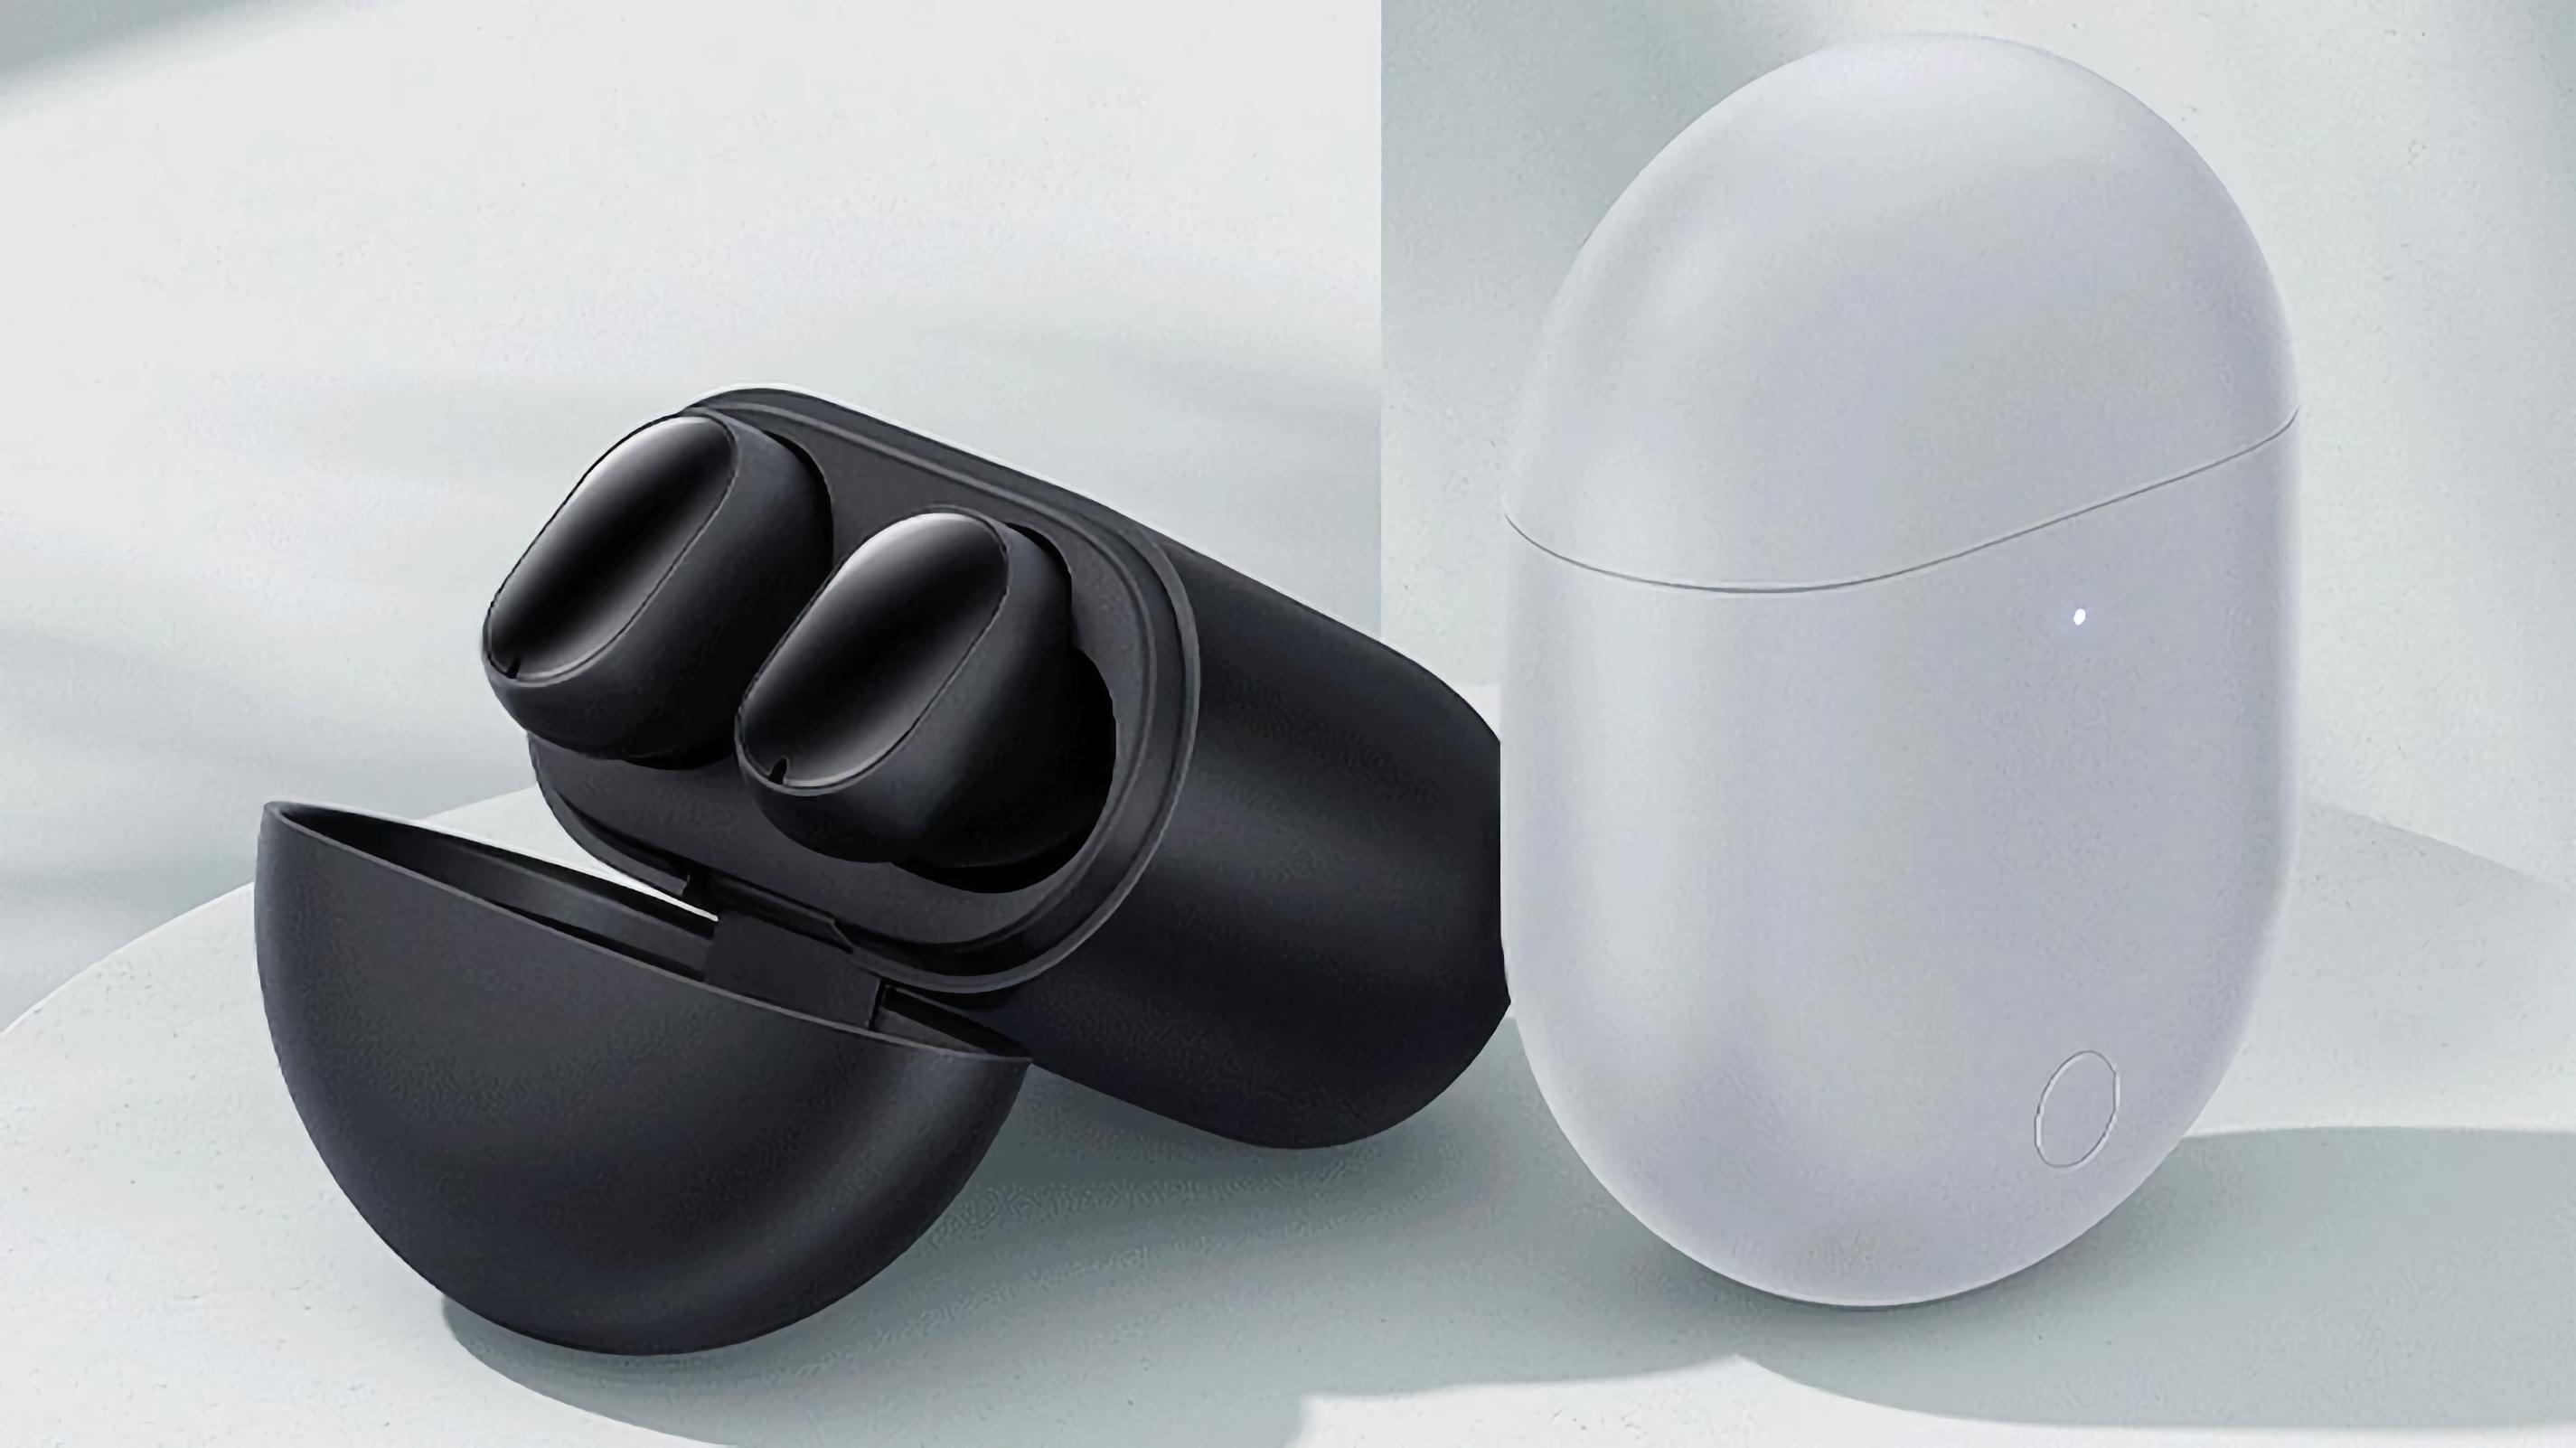 TWS-наушники Redmi AirDots 3 Pro с обновлением получили режим низкой задержки звука Game Low Latency